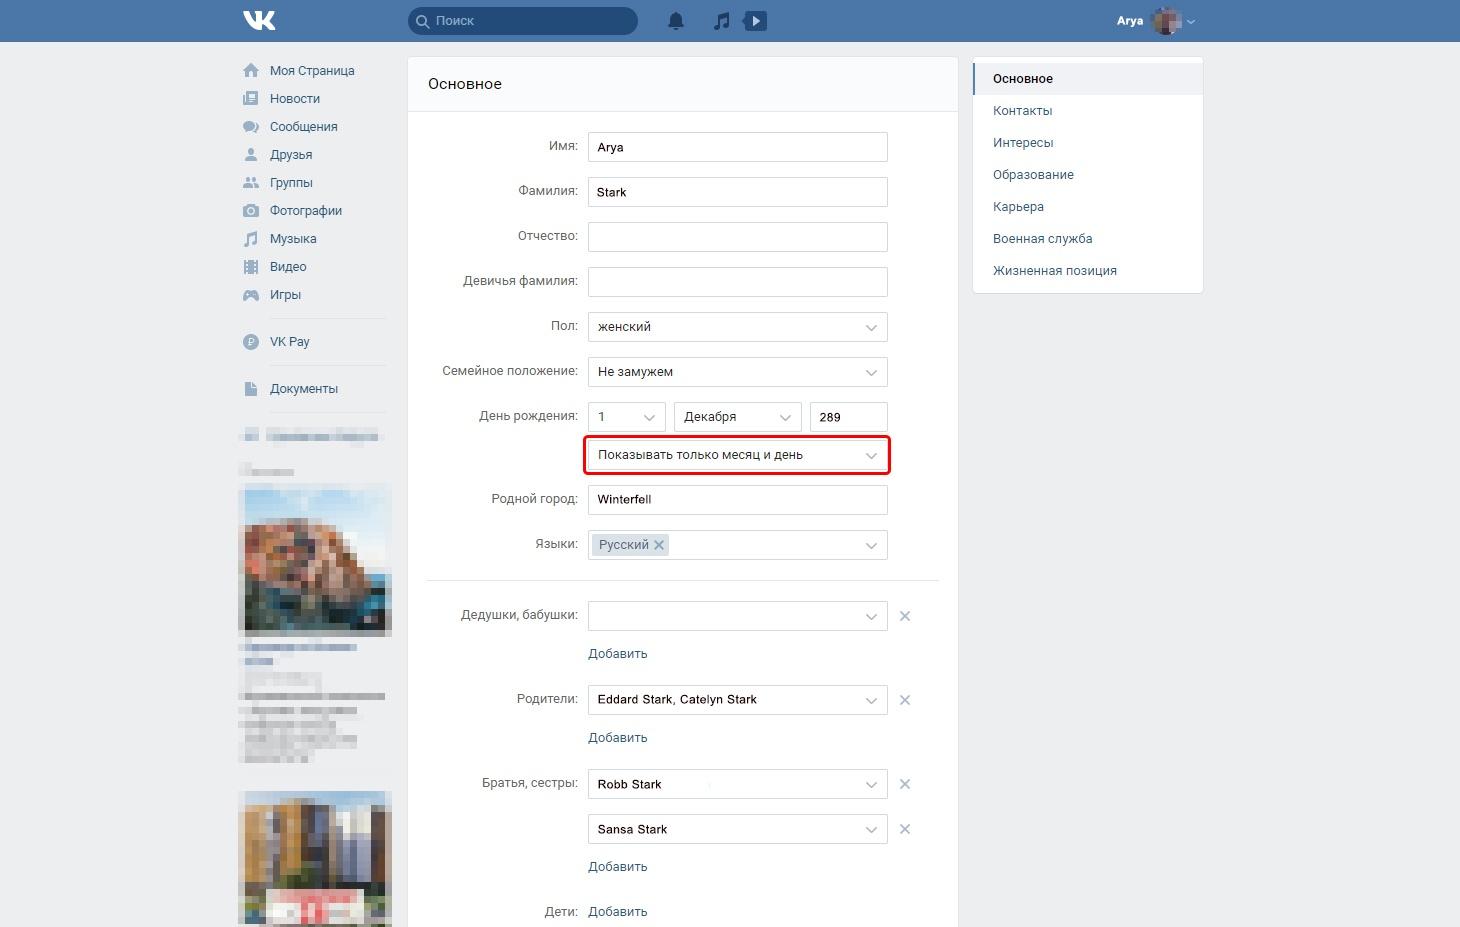 Неочевидные настройки ВКонтакте - дата рождения